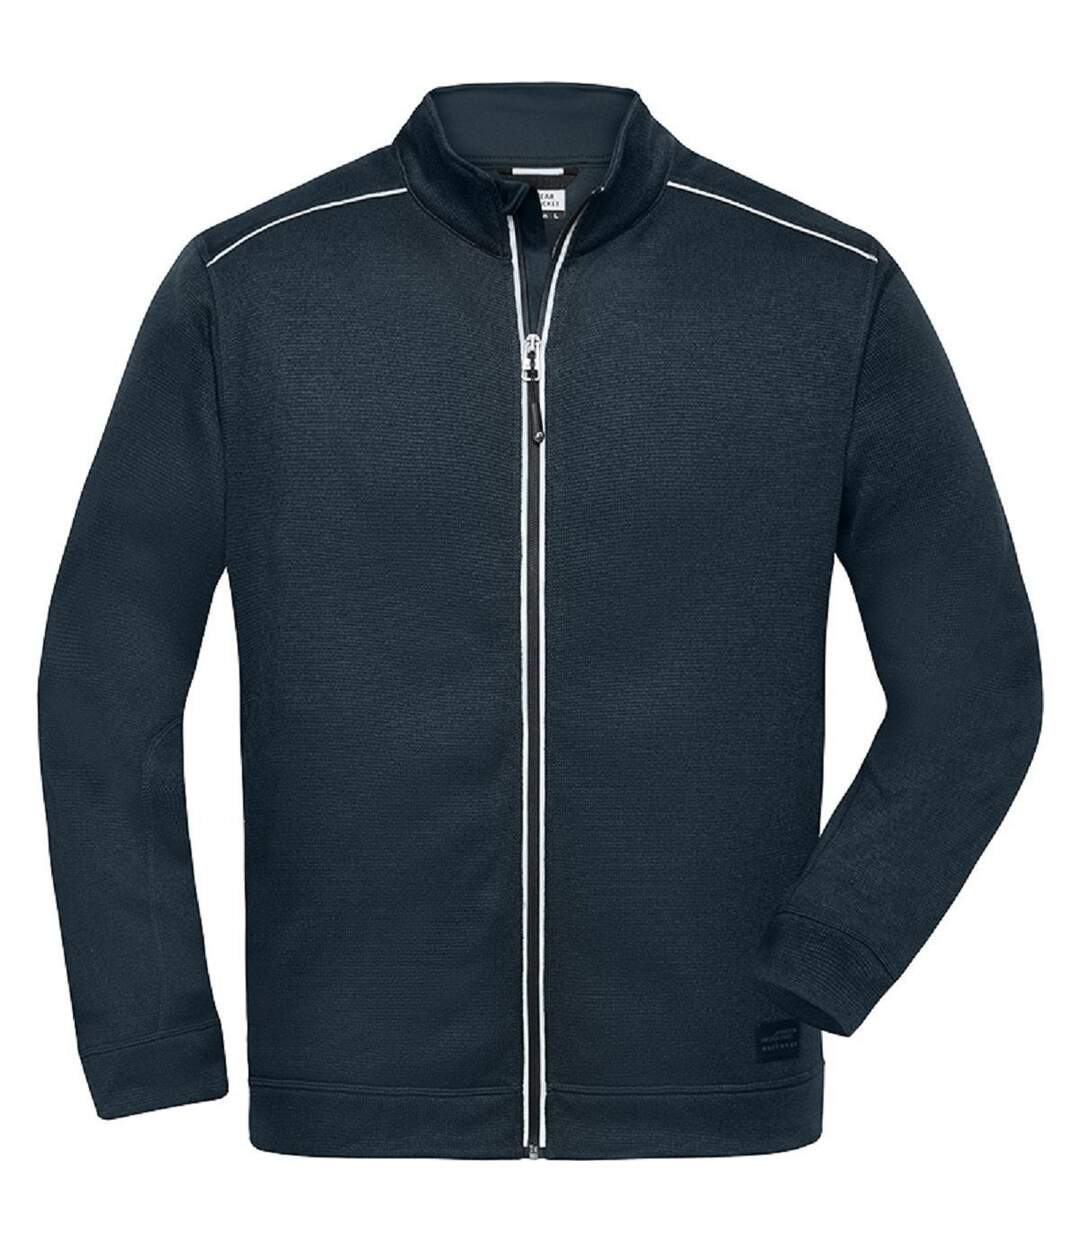 Veste zippée polaire workwear GRANDES TAILLES - homme - JN898C - bleu marine